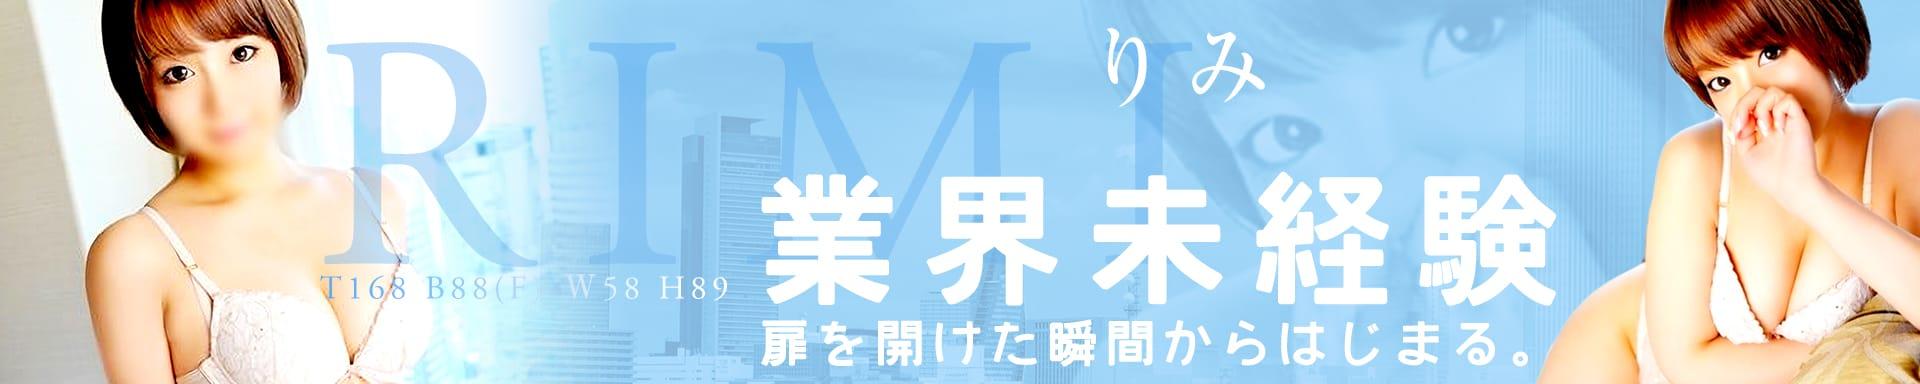 愛特急2006 東京店 その3